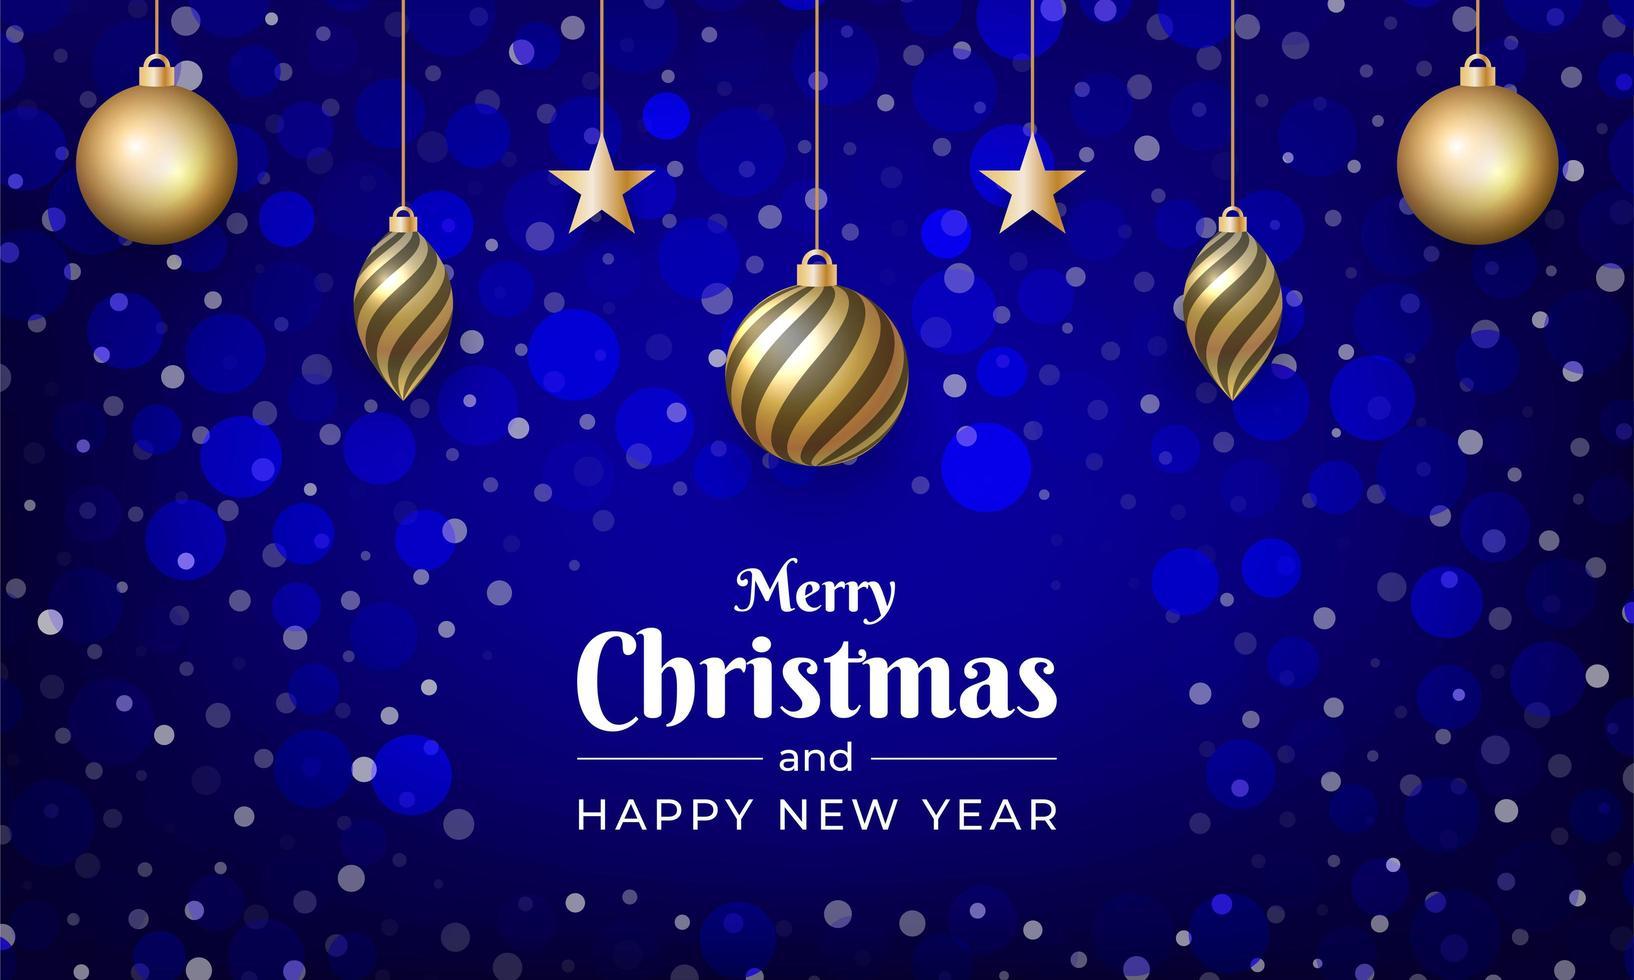 vrolijk kerstfeest met blauwe kleur en sneeuweffect vector